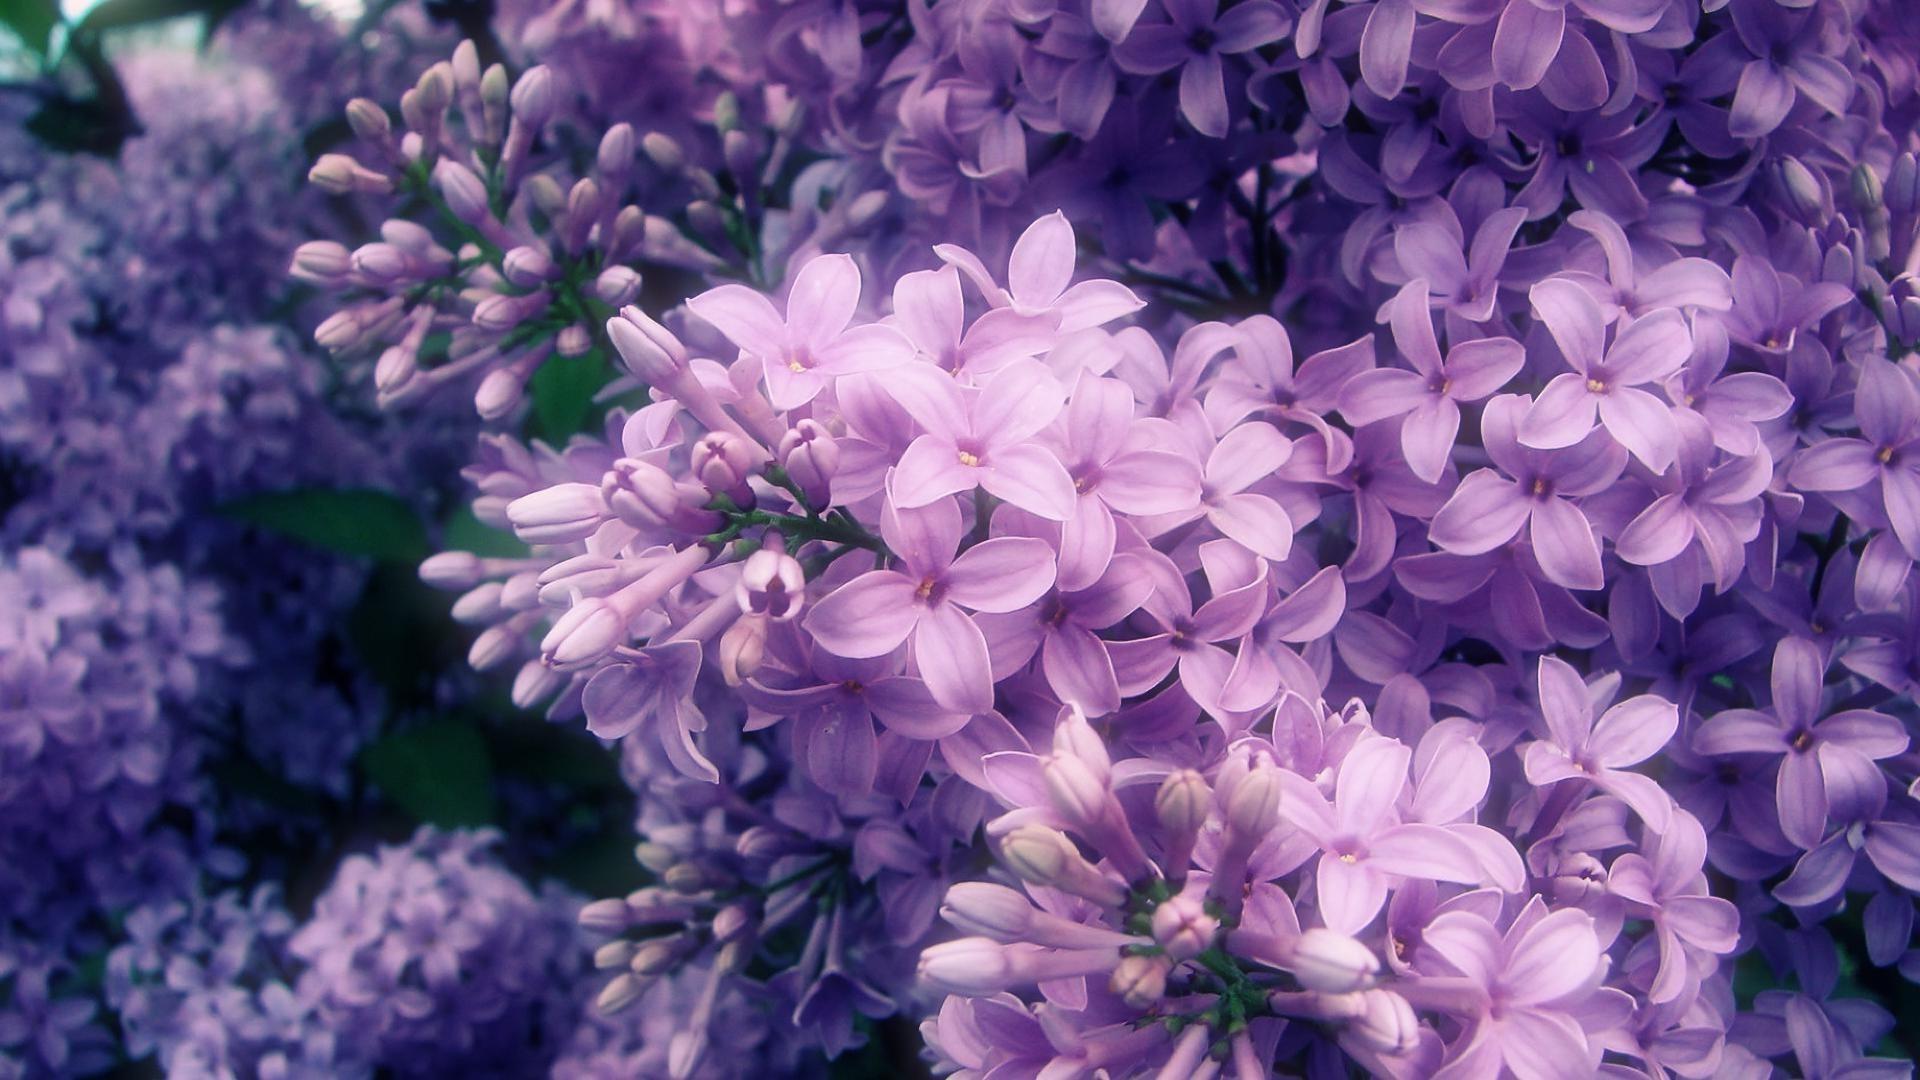 Картинки с фиолетовыми цветами в высоком качестве, годика девочке открытка